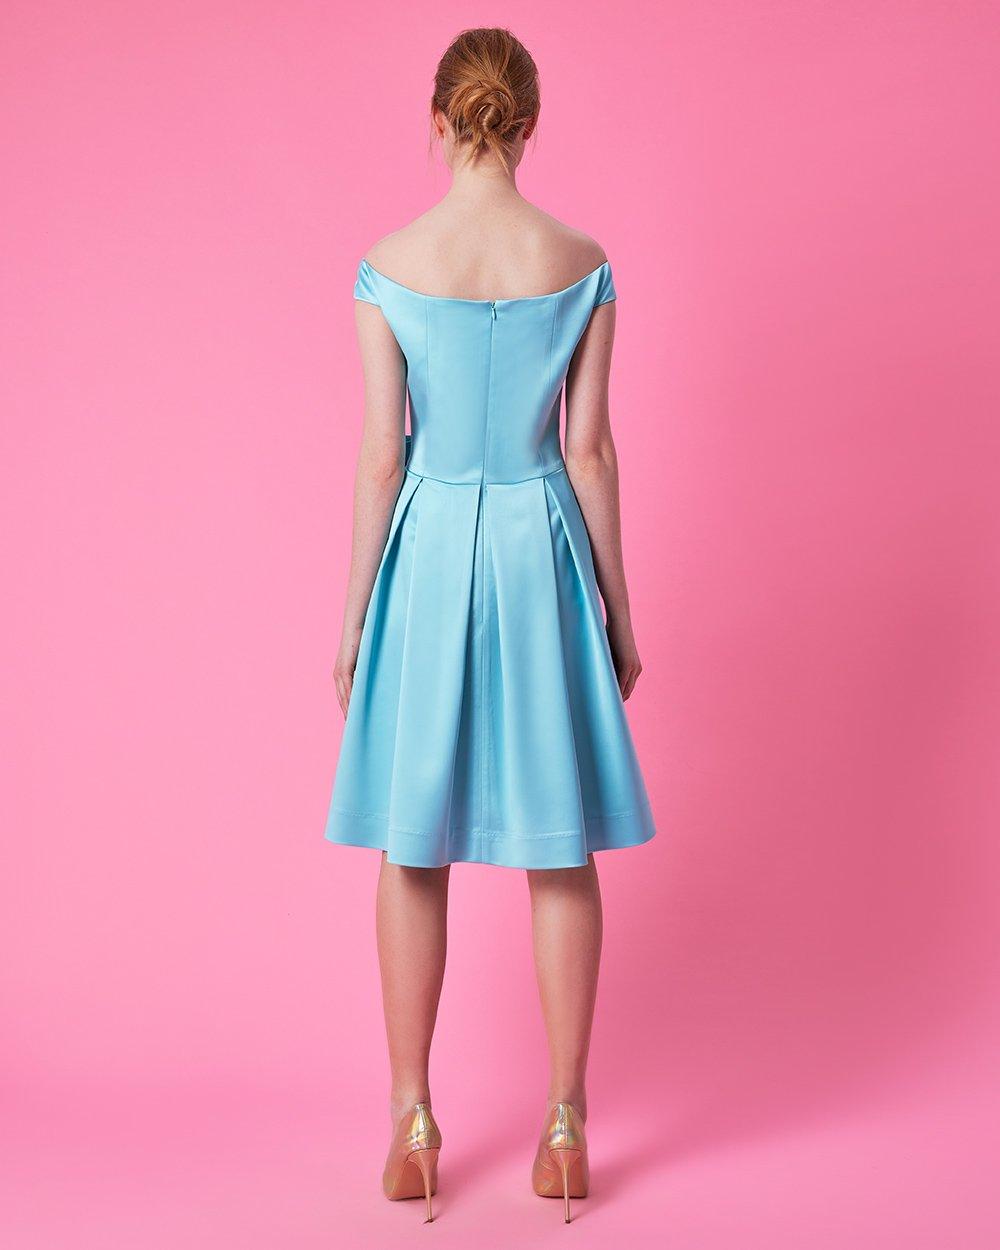 Φόρεμα με μεγάλο φιόγκο στη μέση